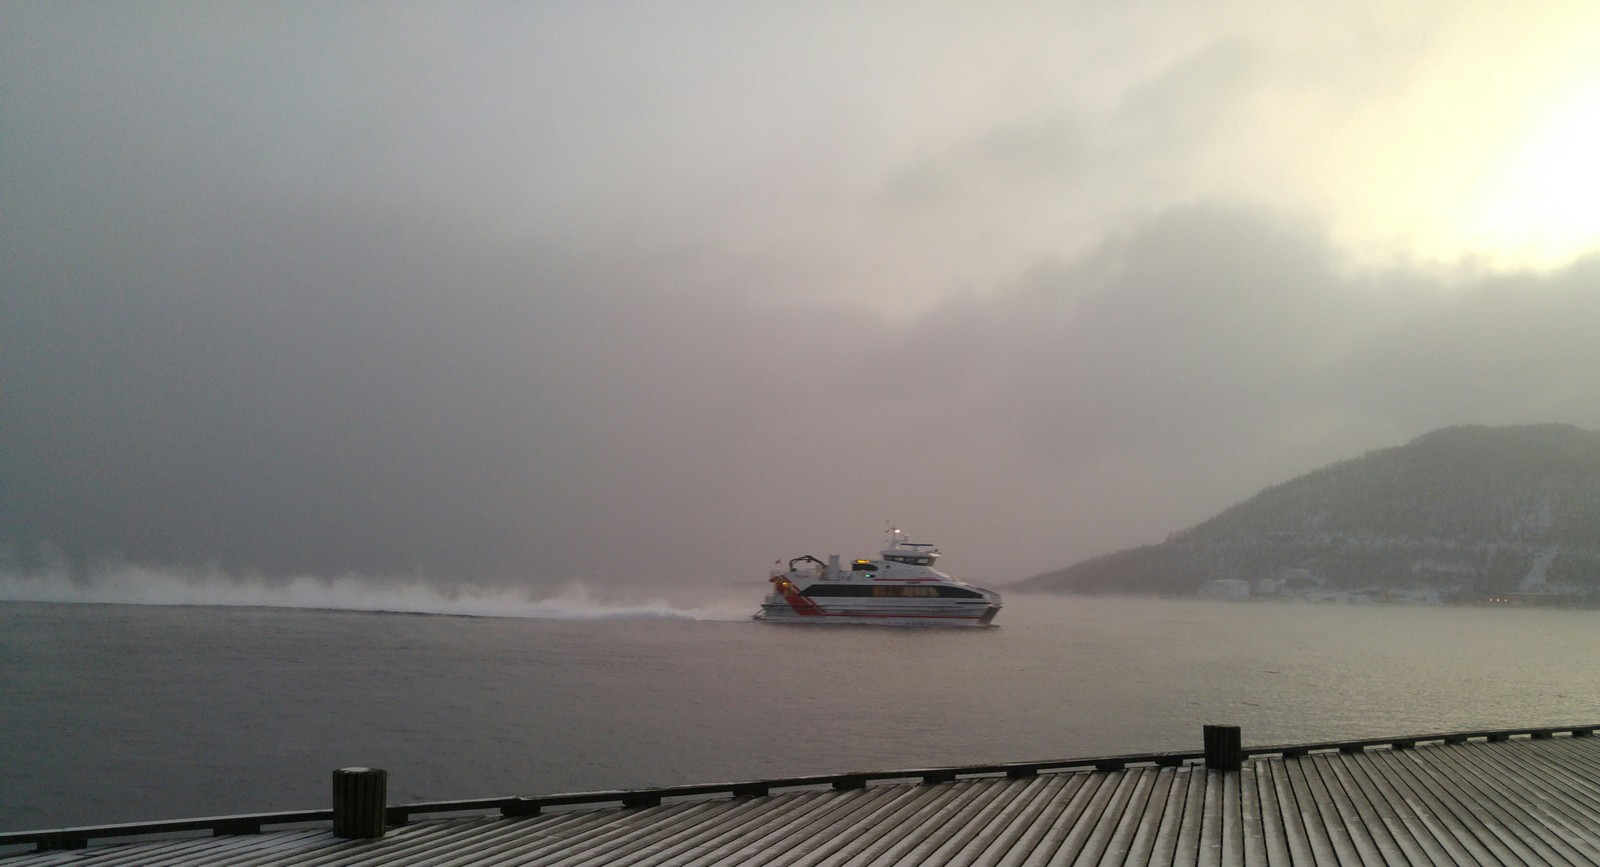 Kaldt var det også i Harstad. her tøffer hurtigbåten avgårde.